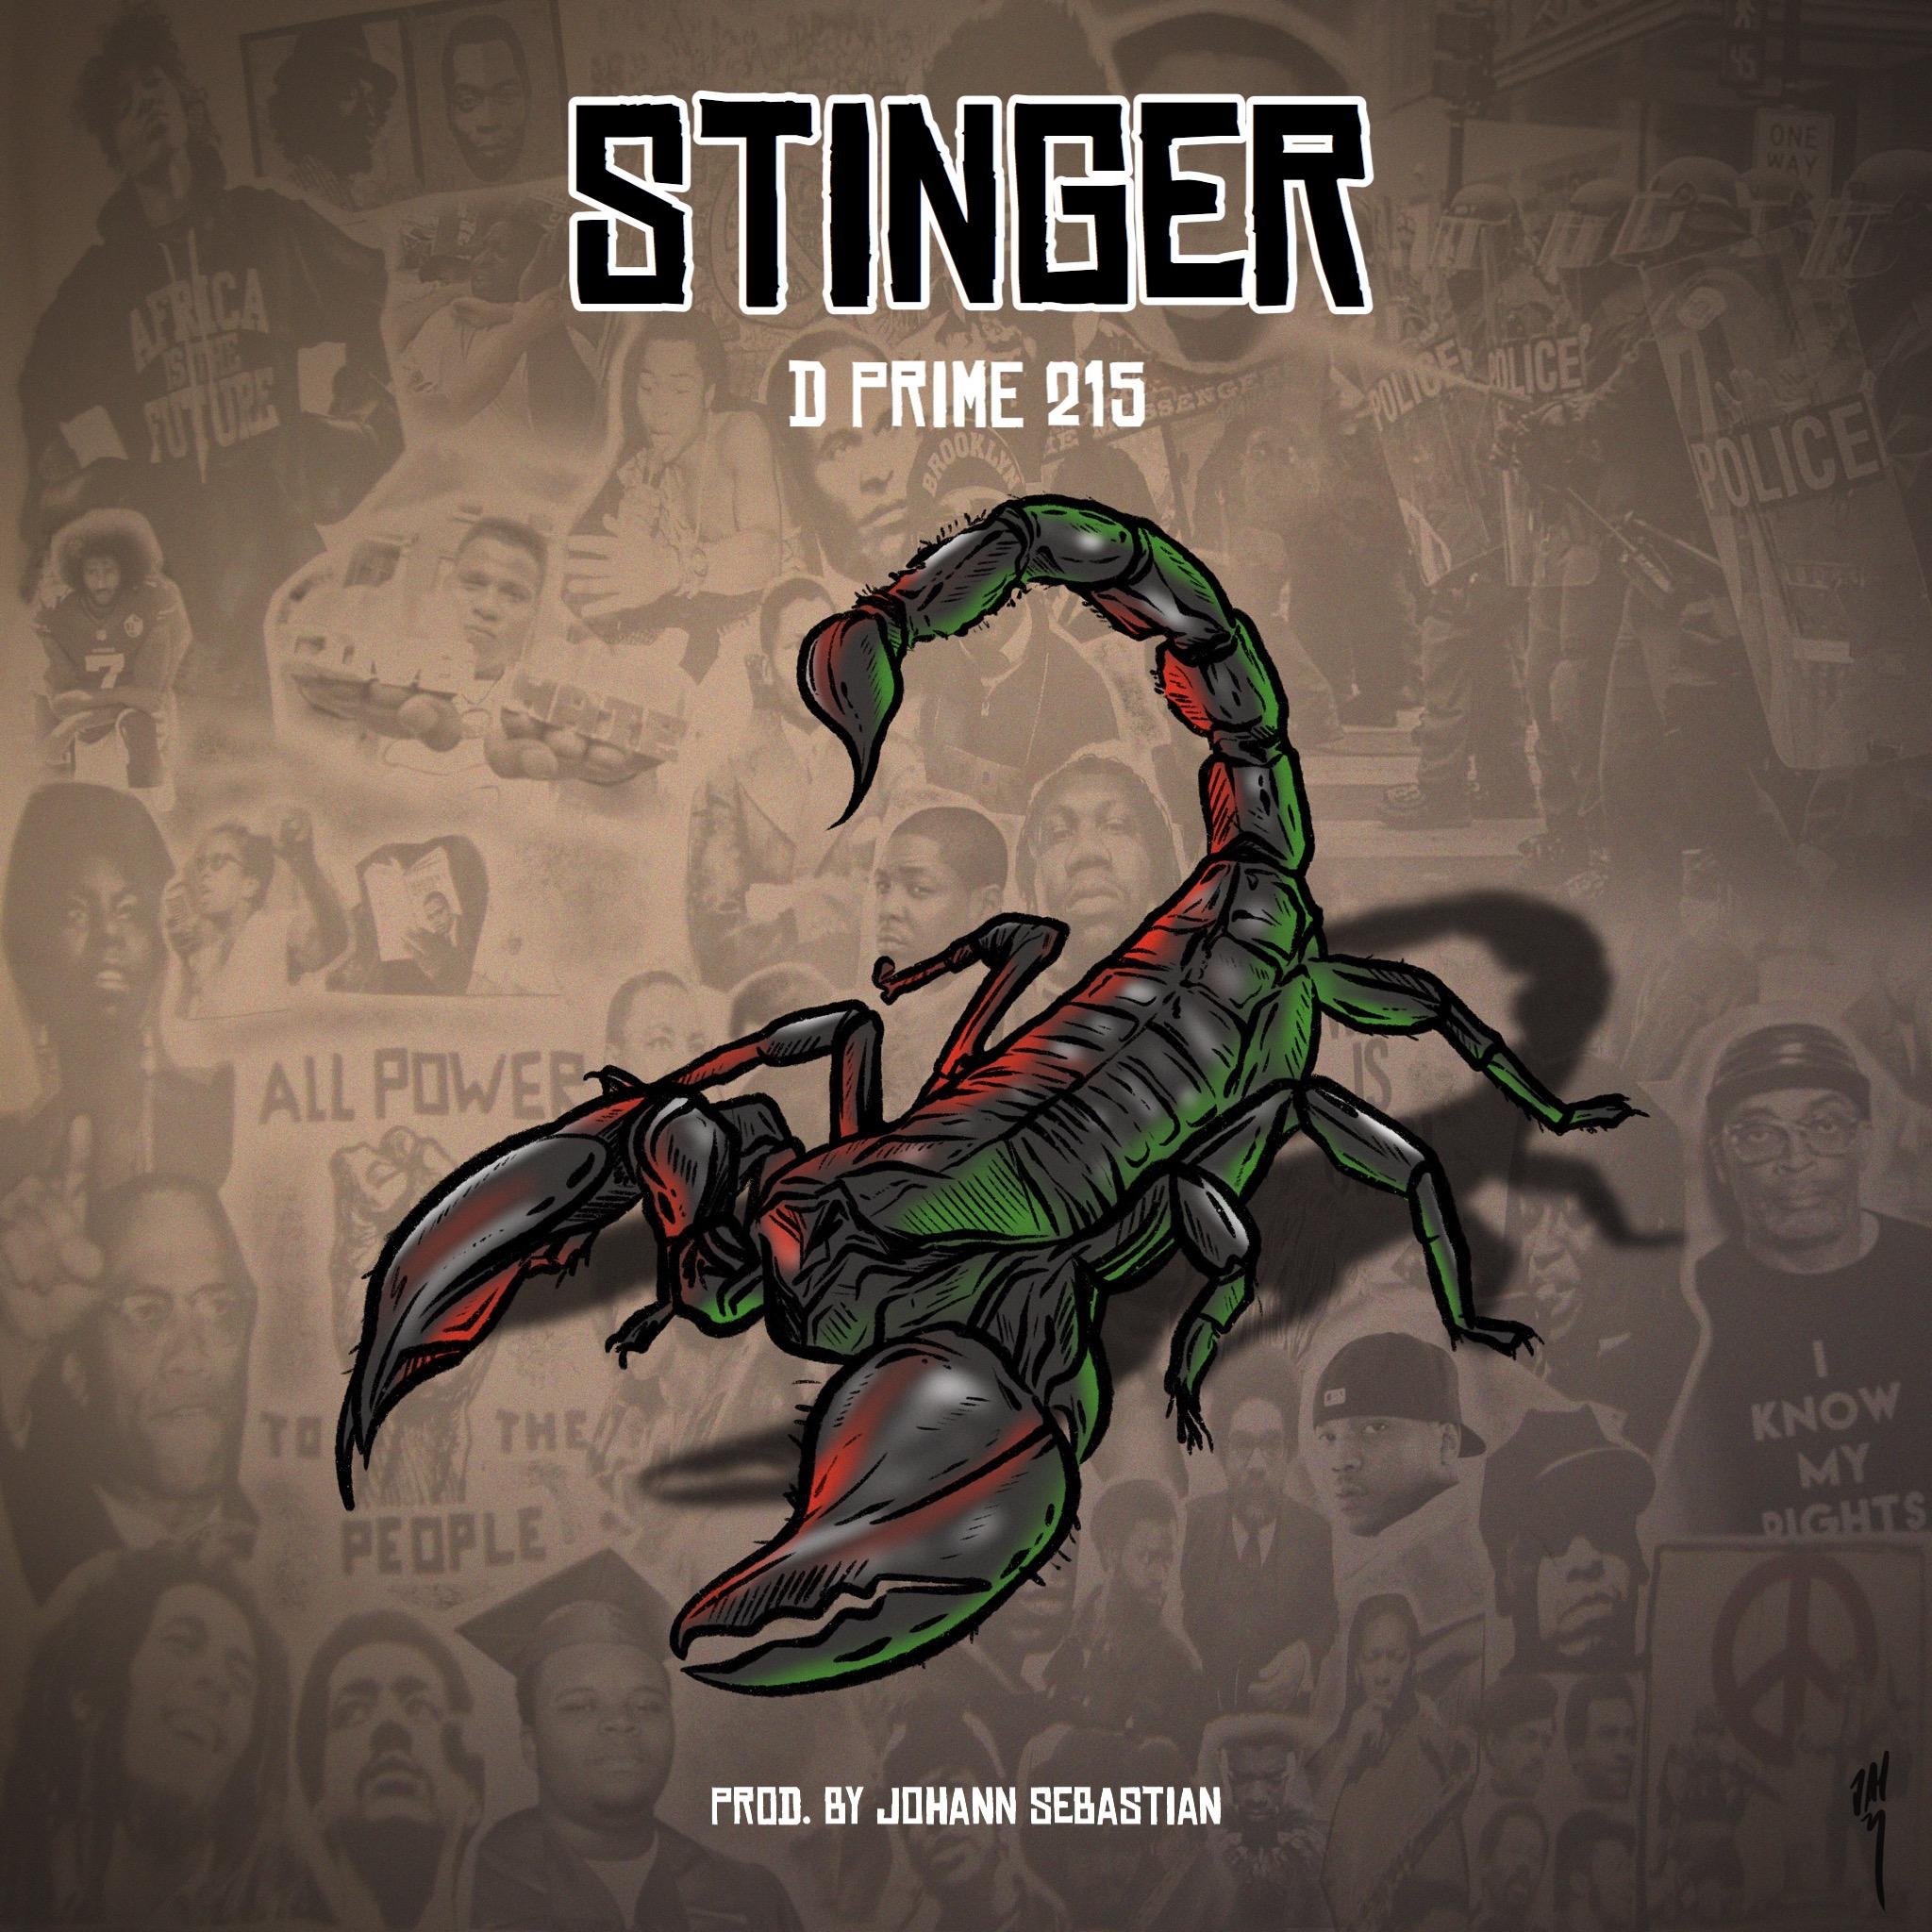 STINGER COVER